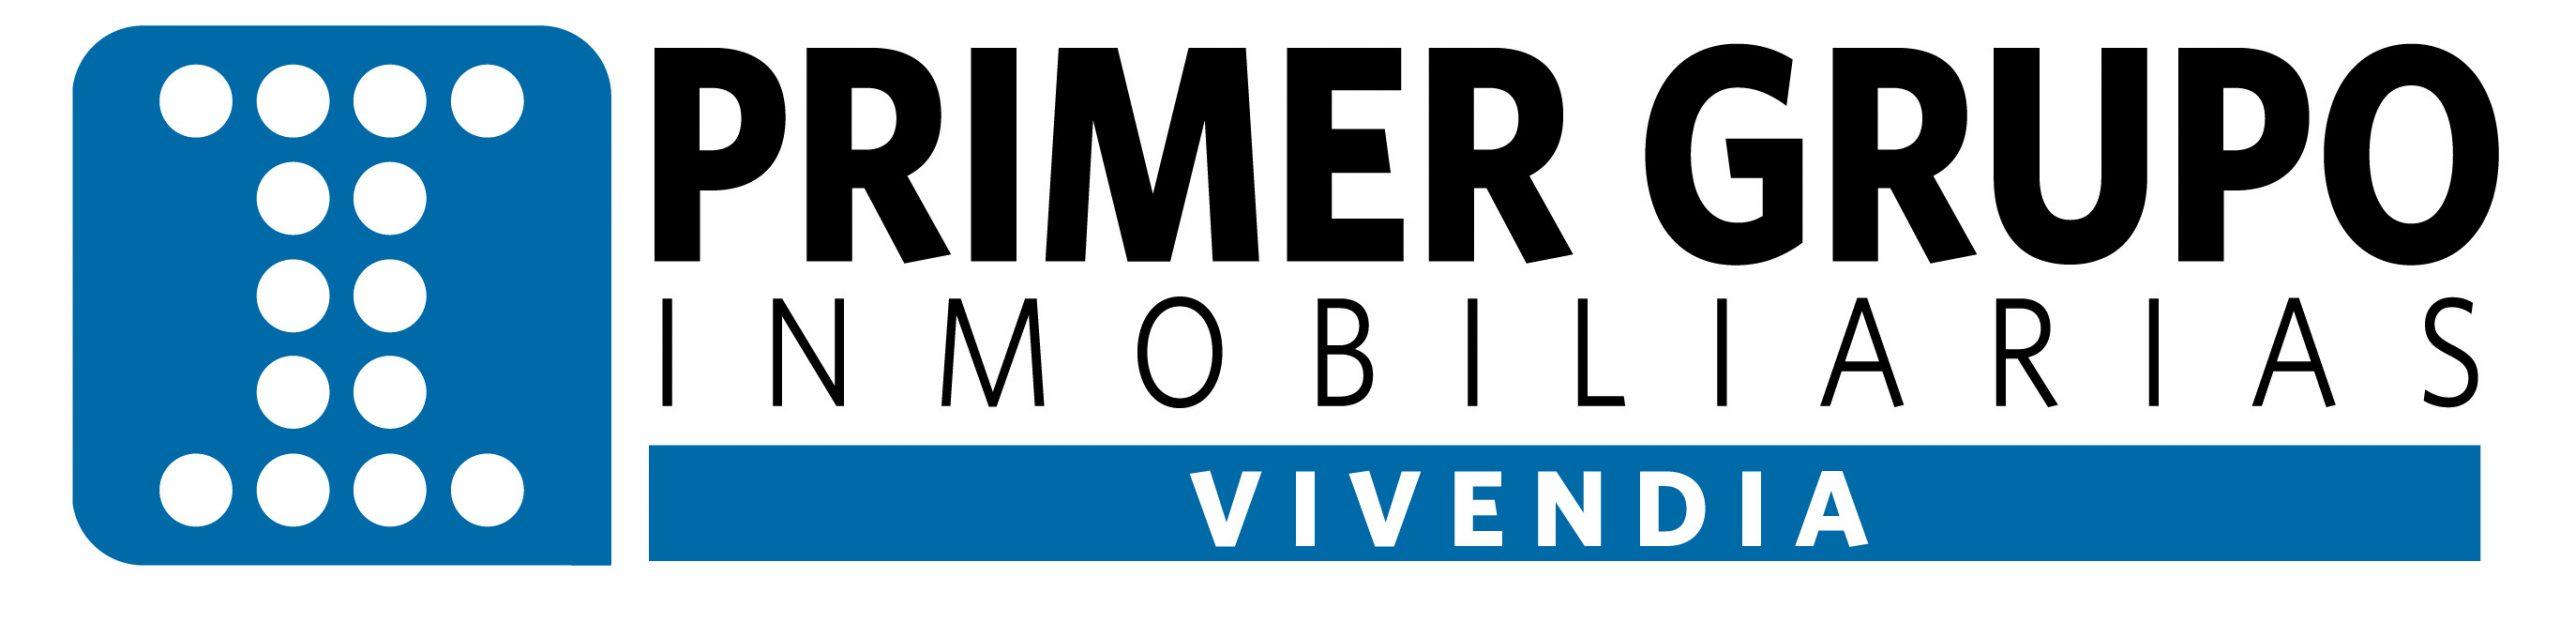 PRIMER GRUPO Vivendia